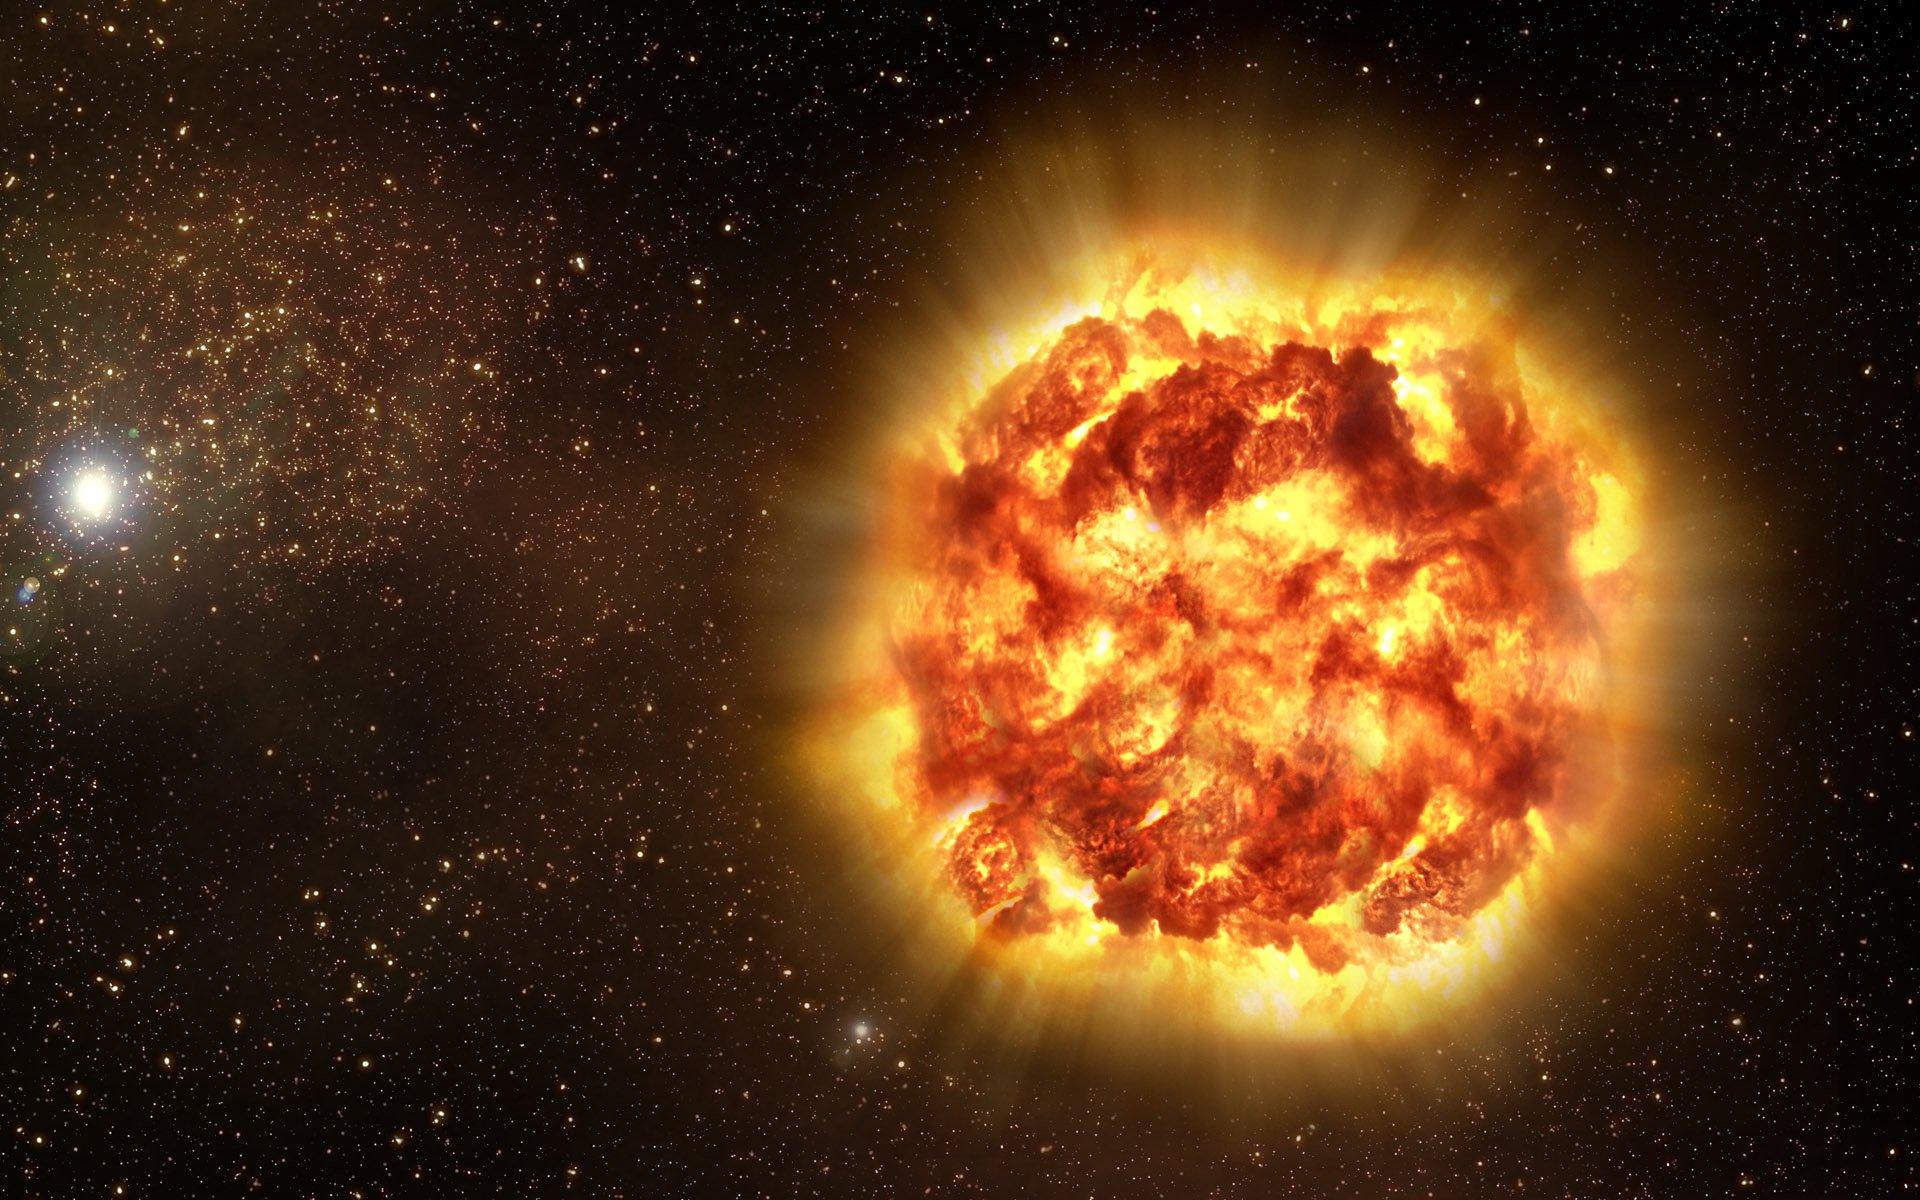 Убийственная солнечная энергия: русские ученые раскрыли свою версию погибели человечества наЗемле